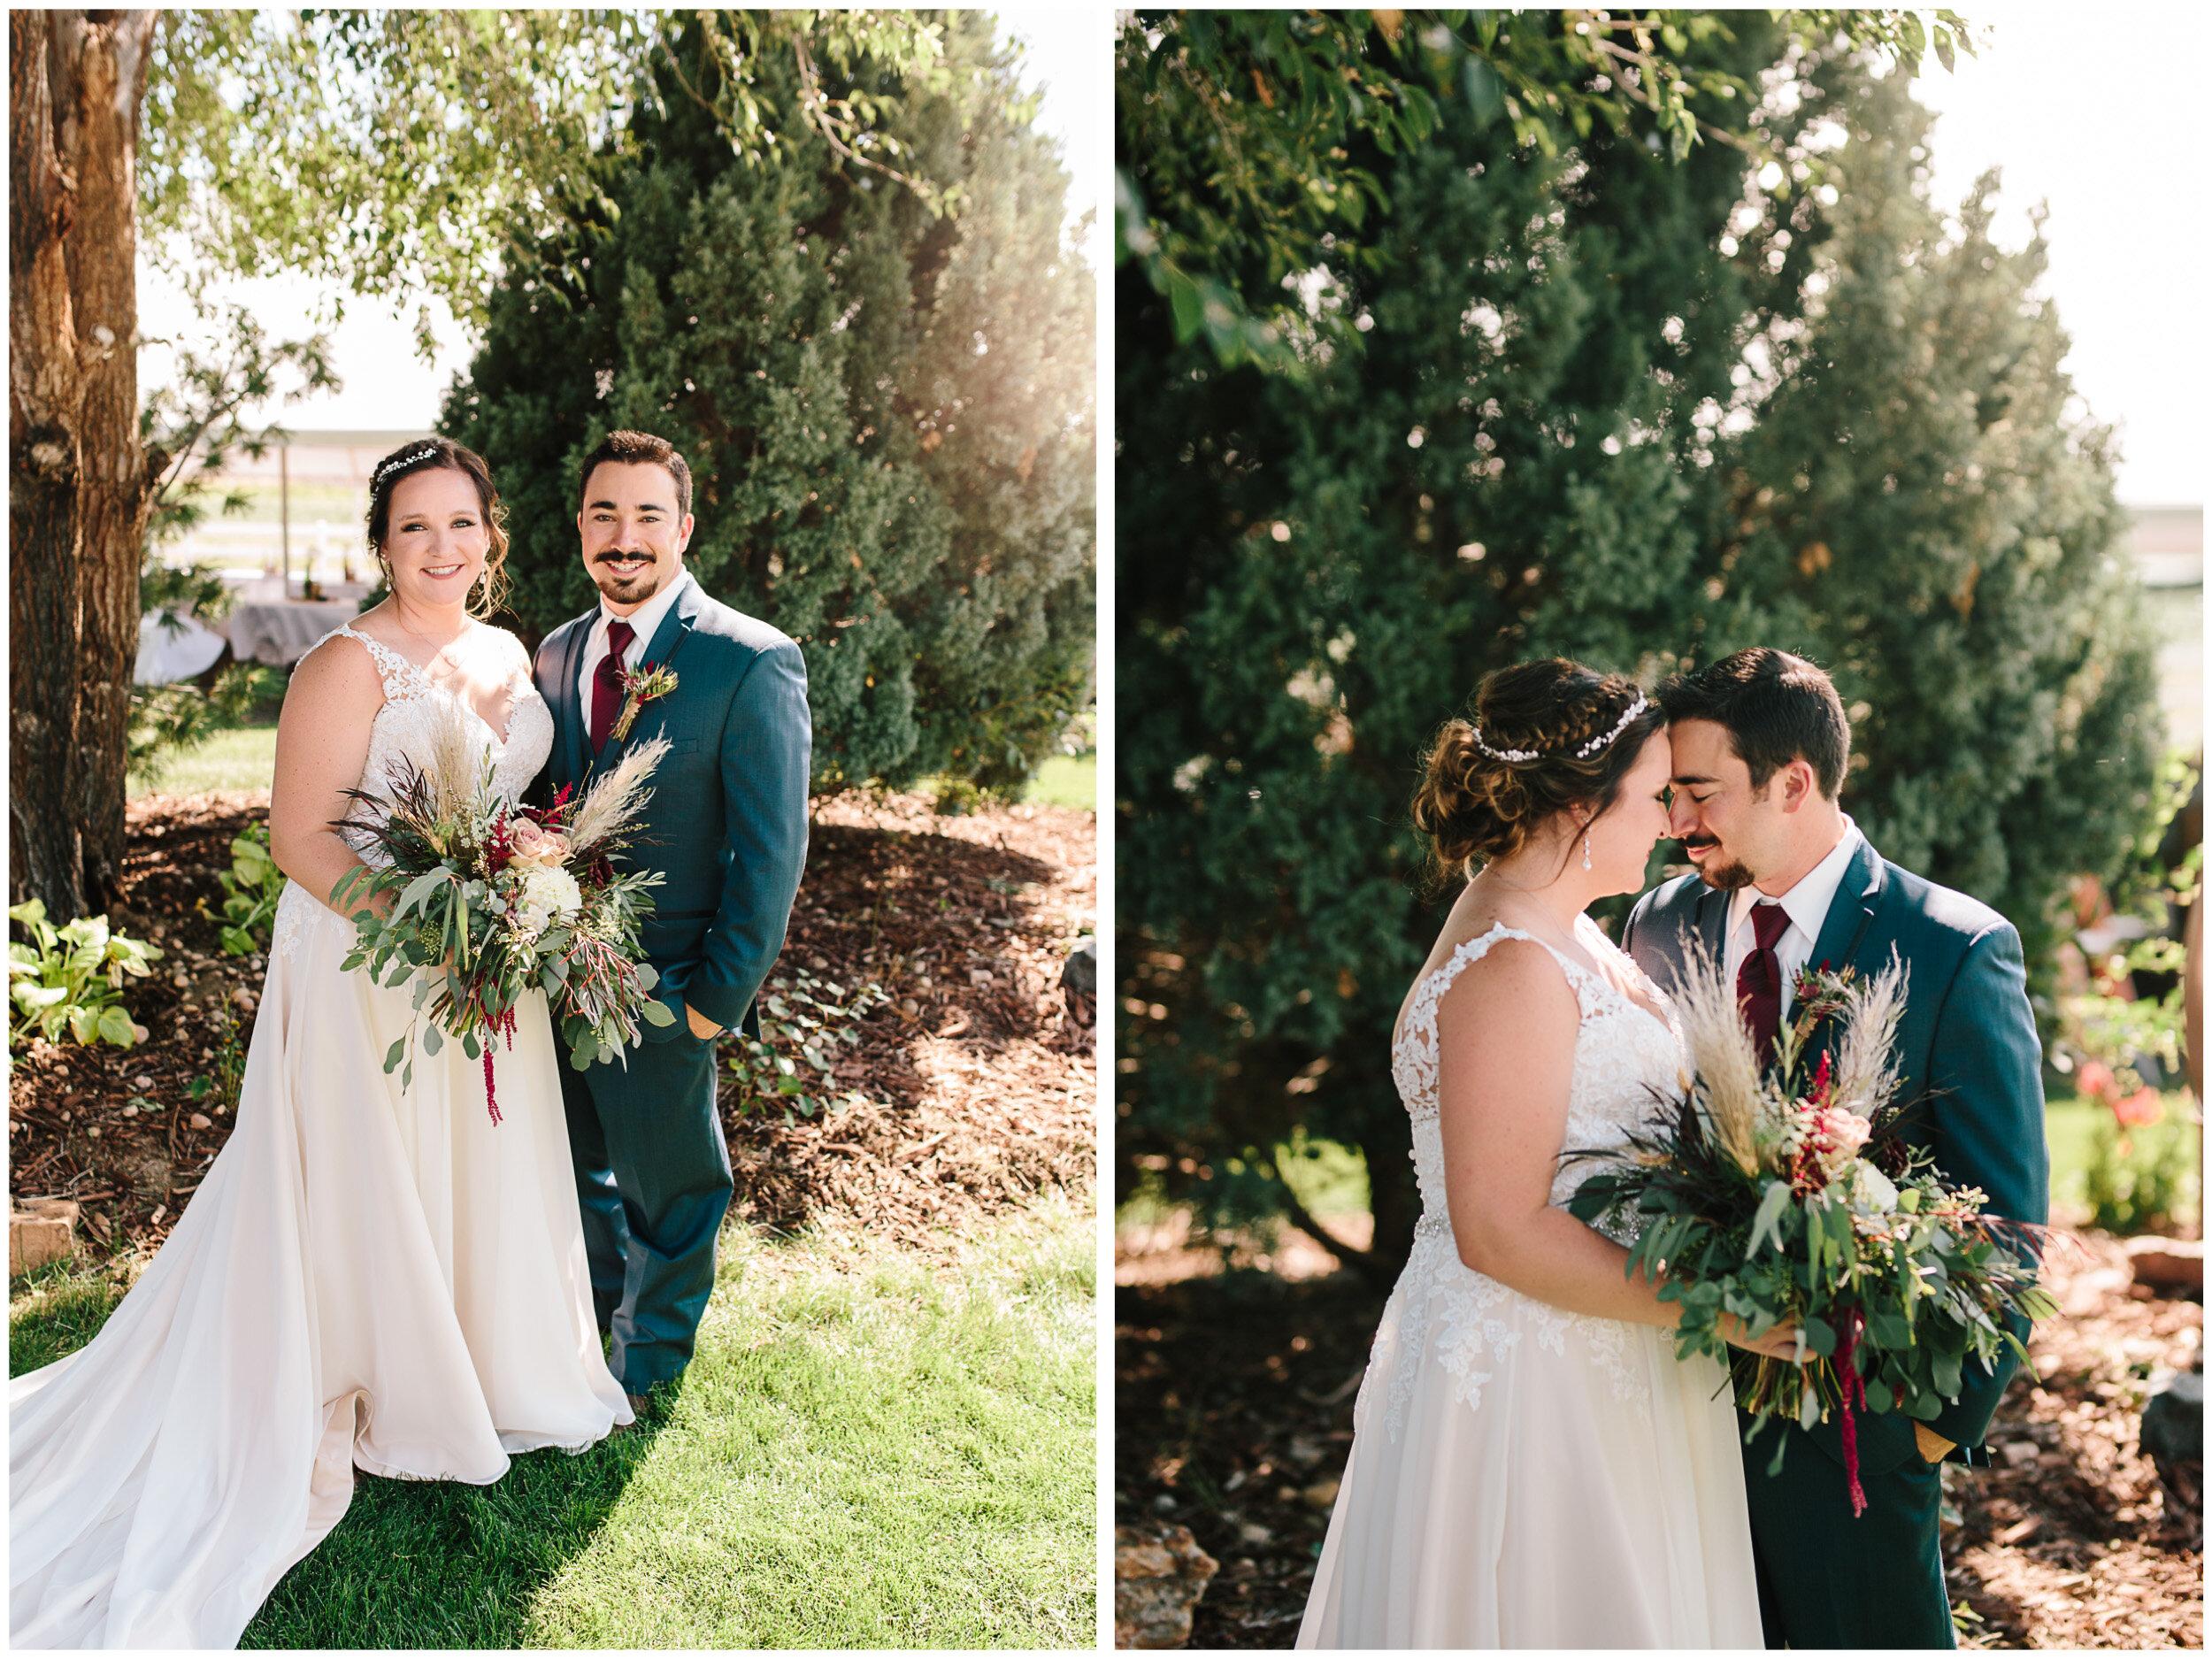 brighton_colorado_wedding_35.jpg